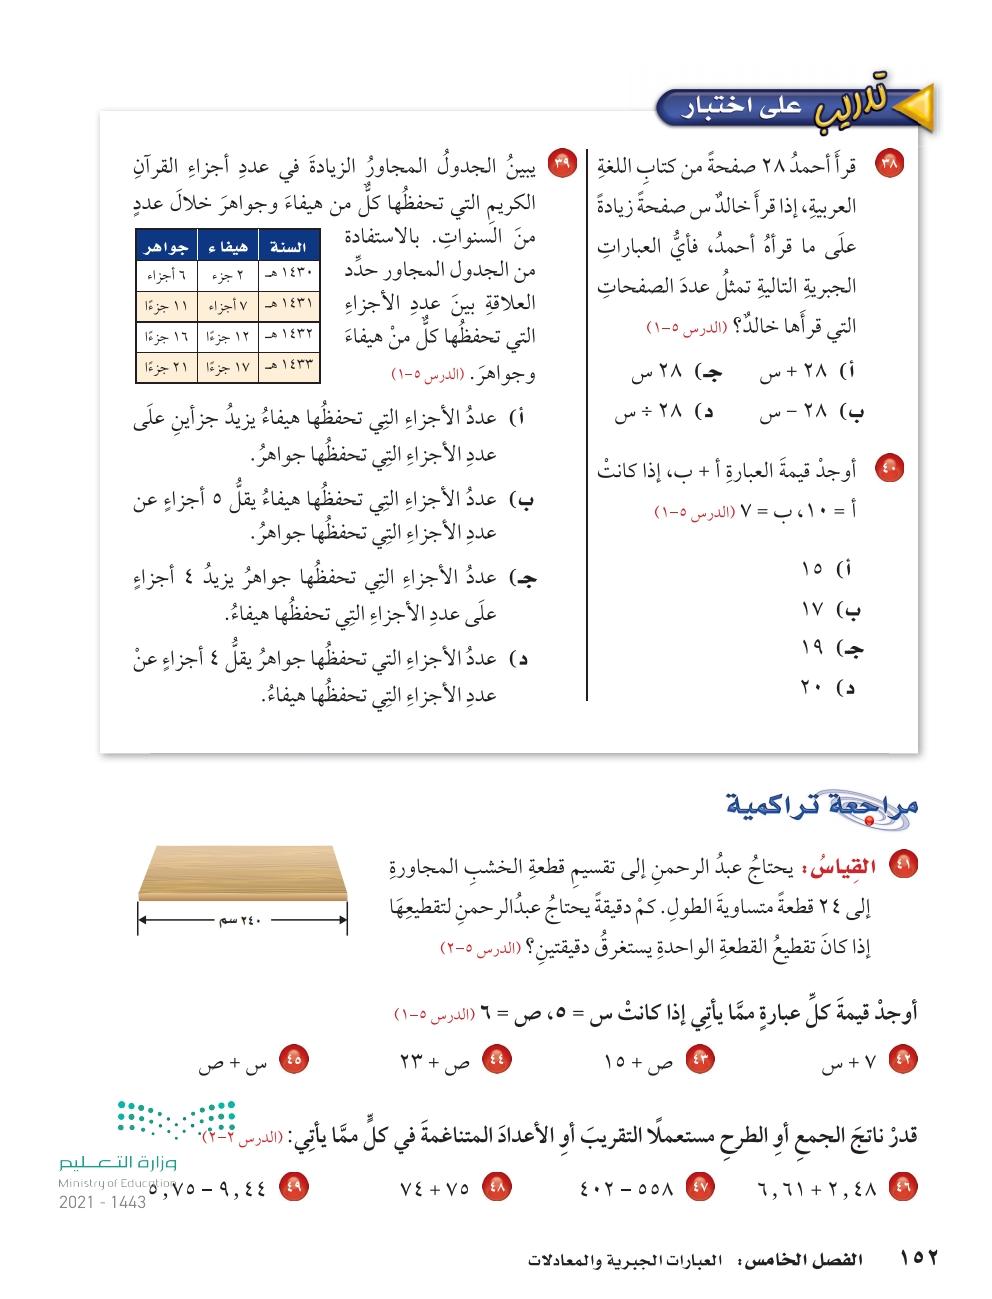 5-3 عبارات الضرب والقسمه الجبرية